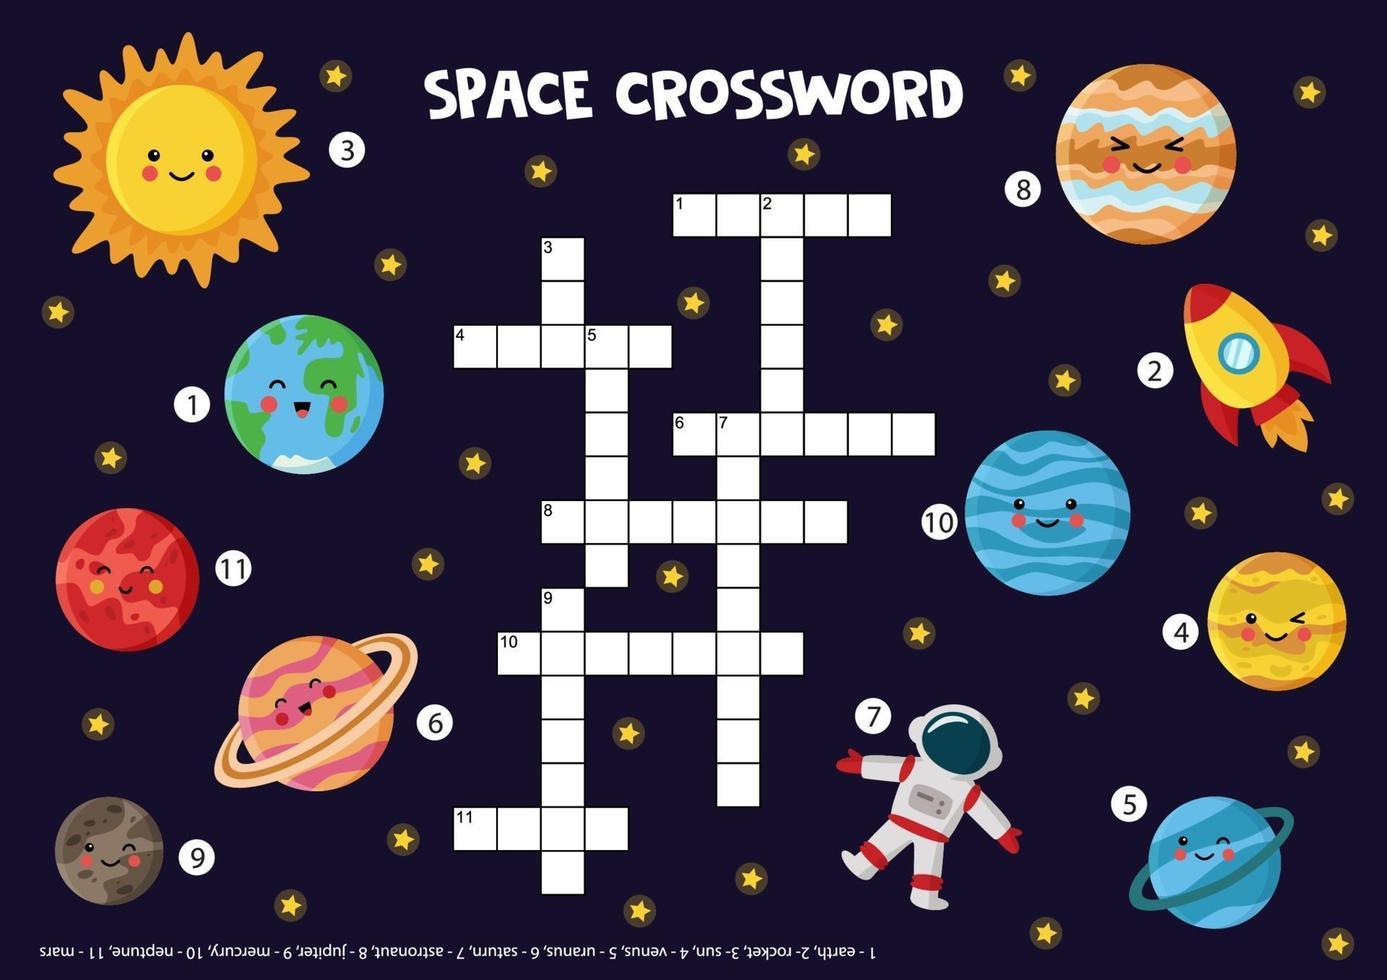 Weltraumkreuzworträtsel für Kinder mit Sonnensystem Planeten, Sonne, Rakete. vektor